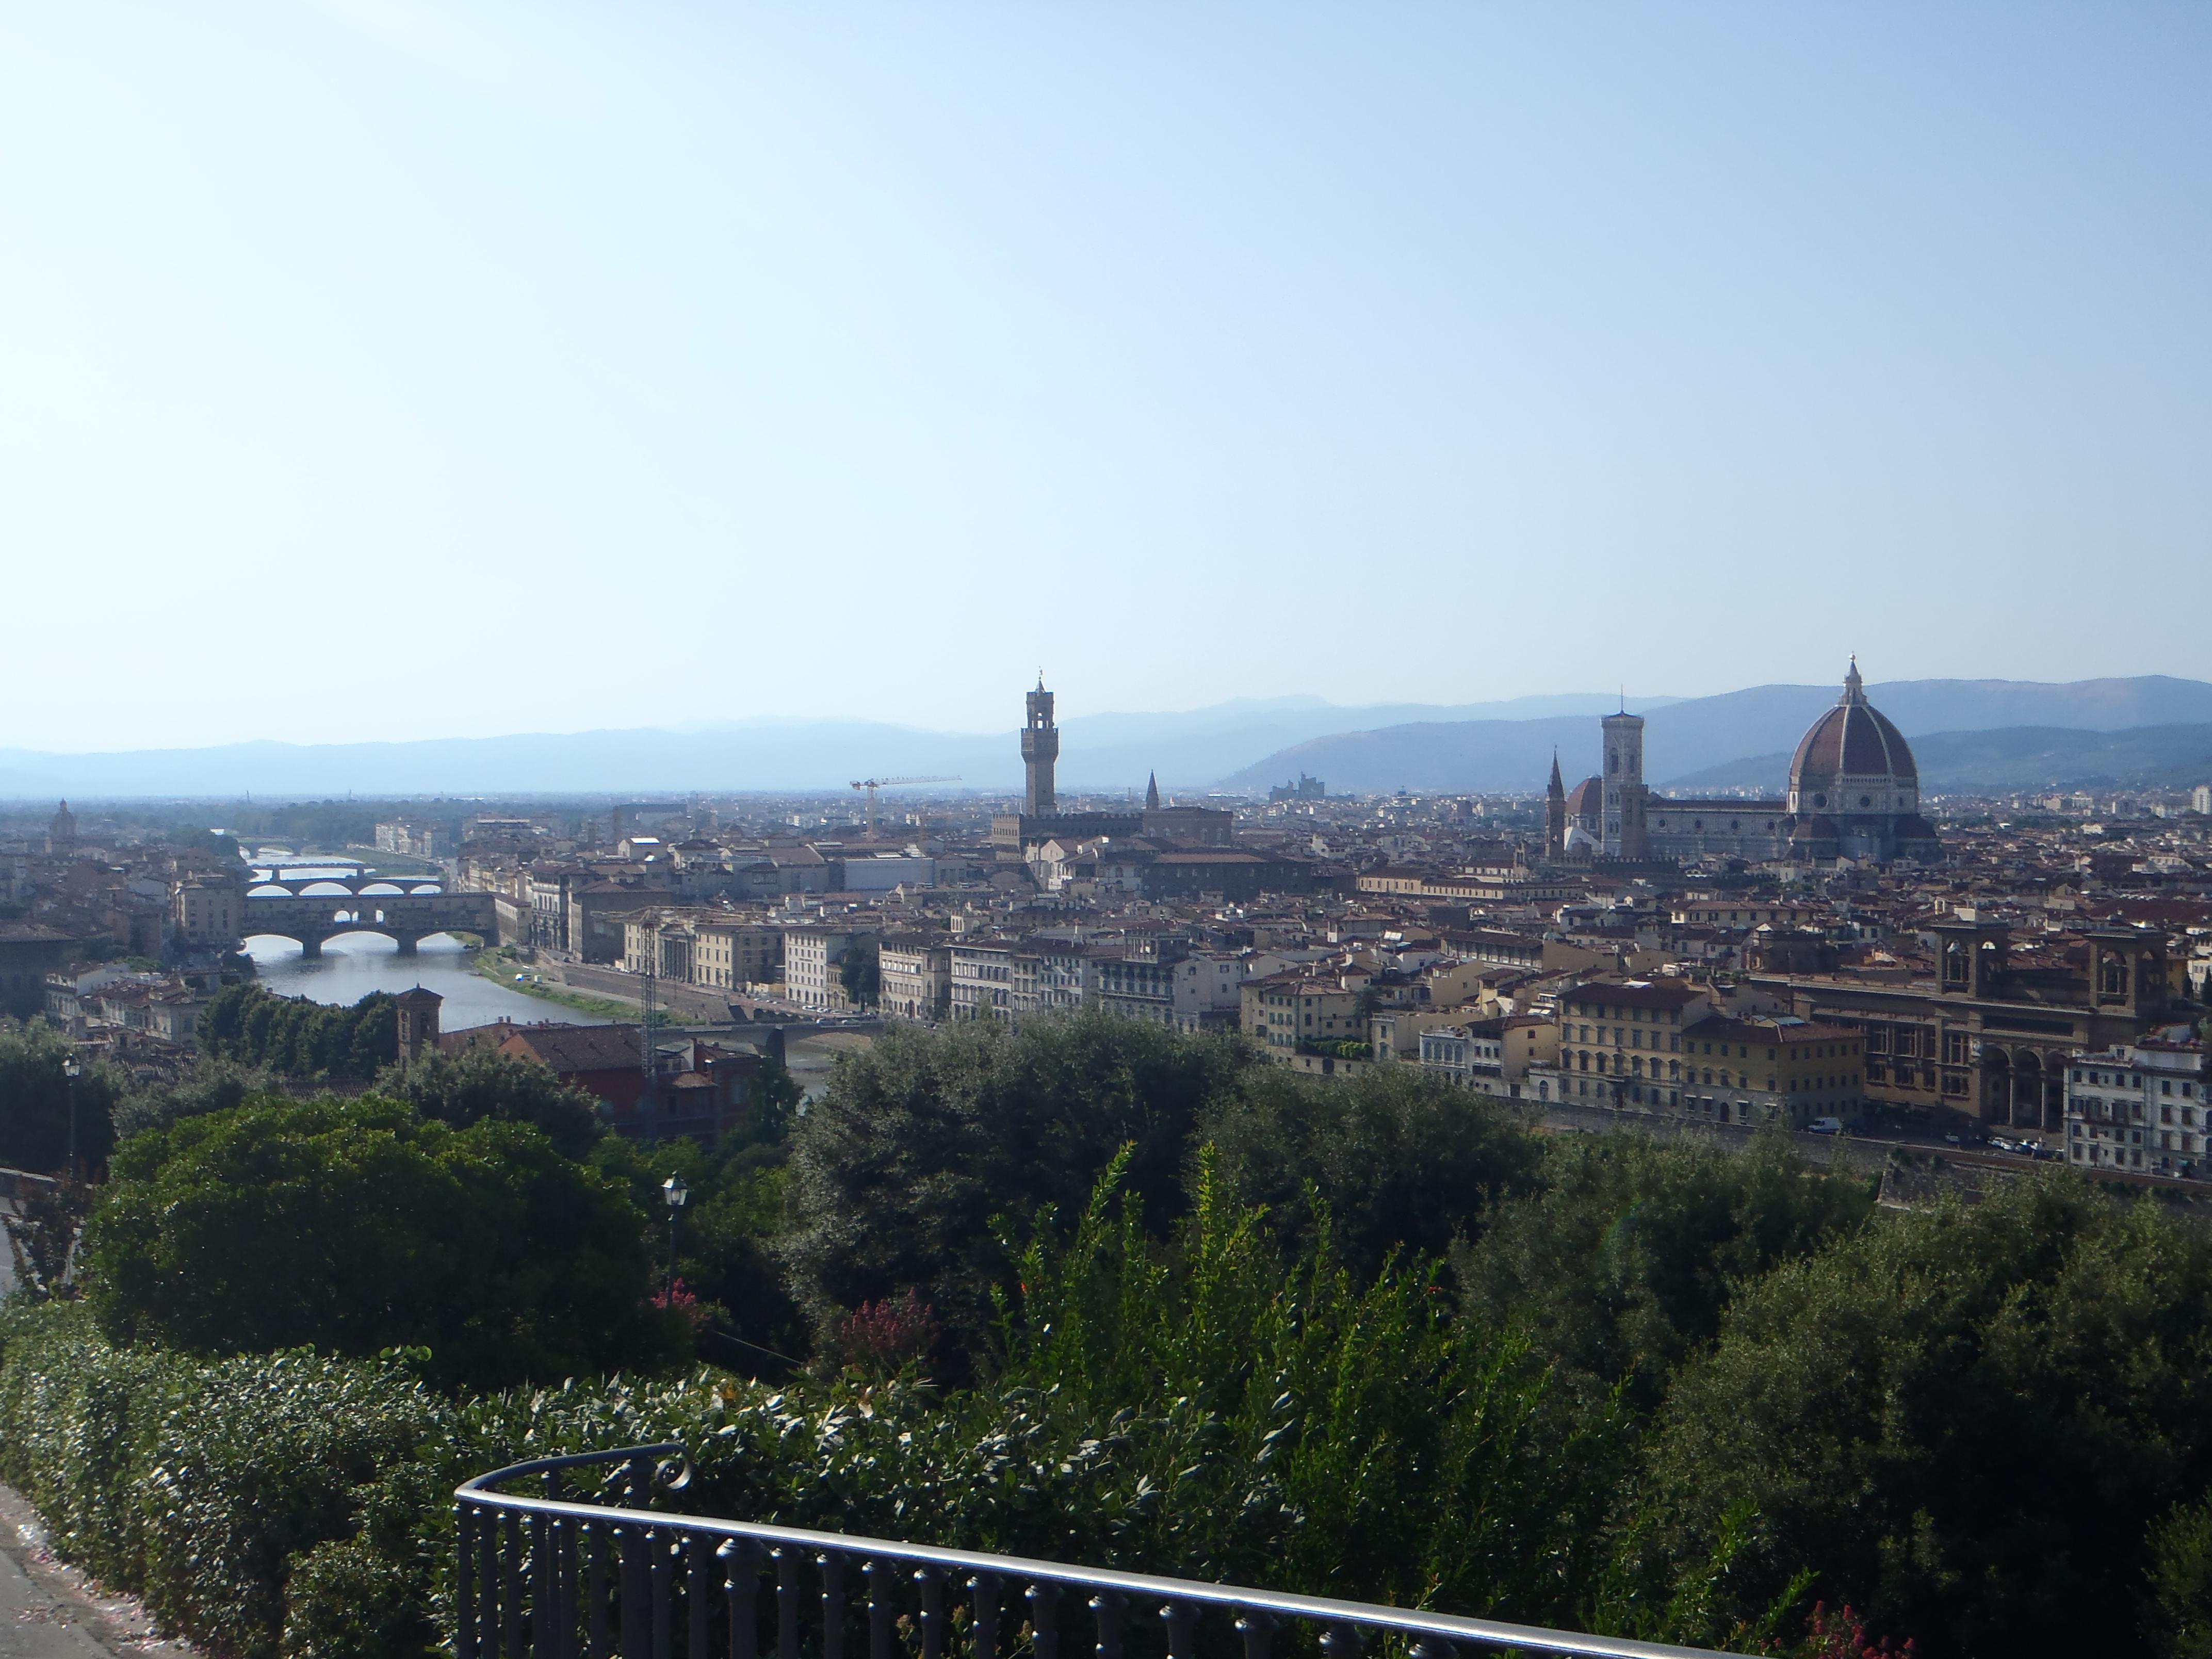 Vista de Florencia desde Piazzale Michelangelo